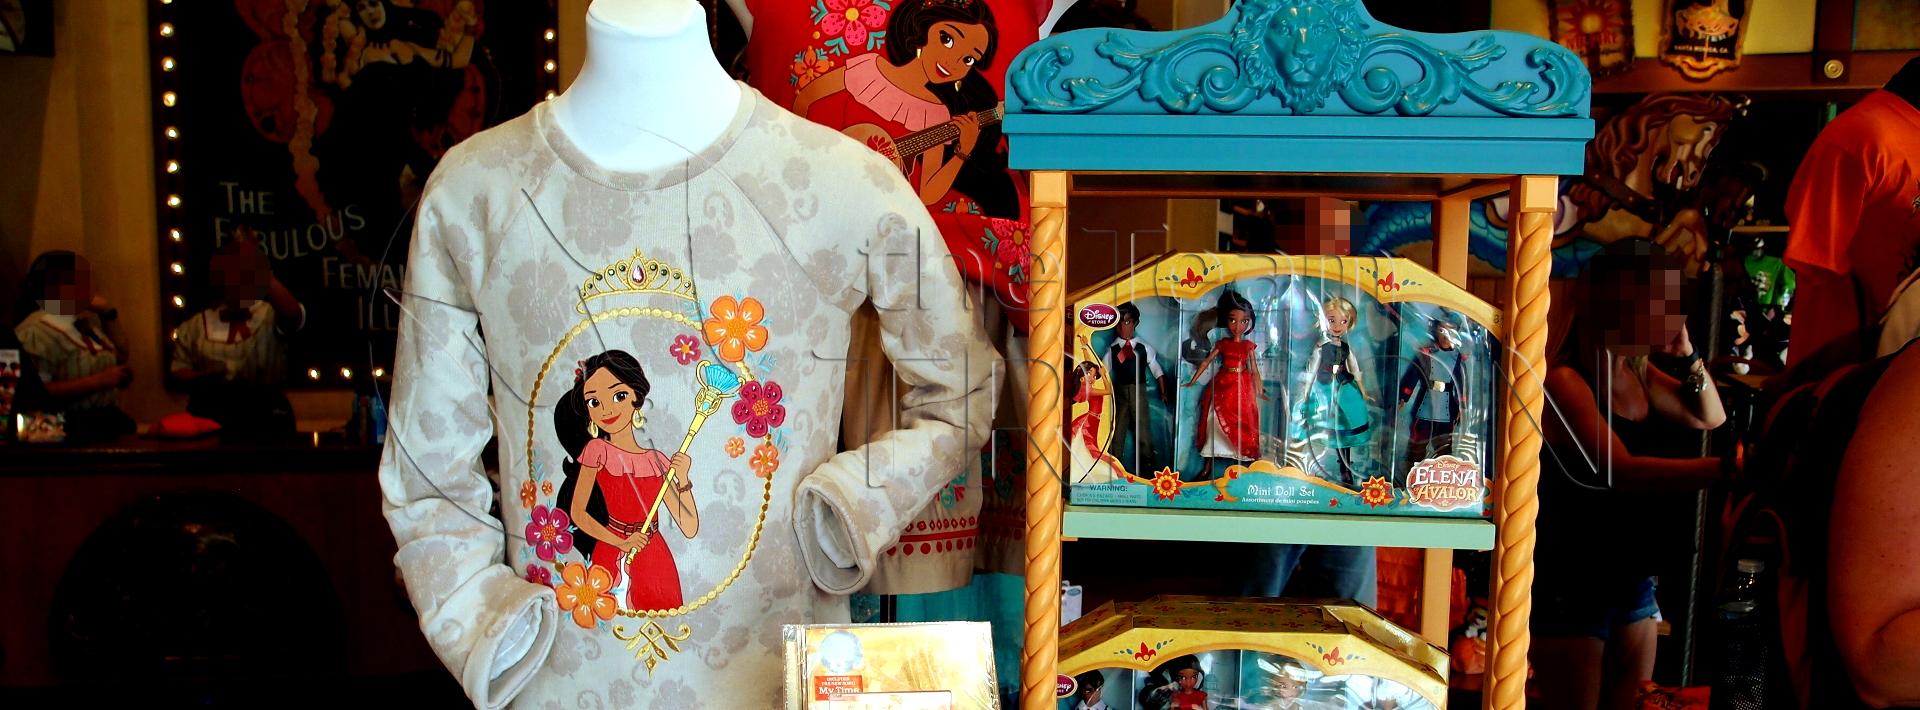 Elena-of-Avalor-merchandise-CA-001